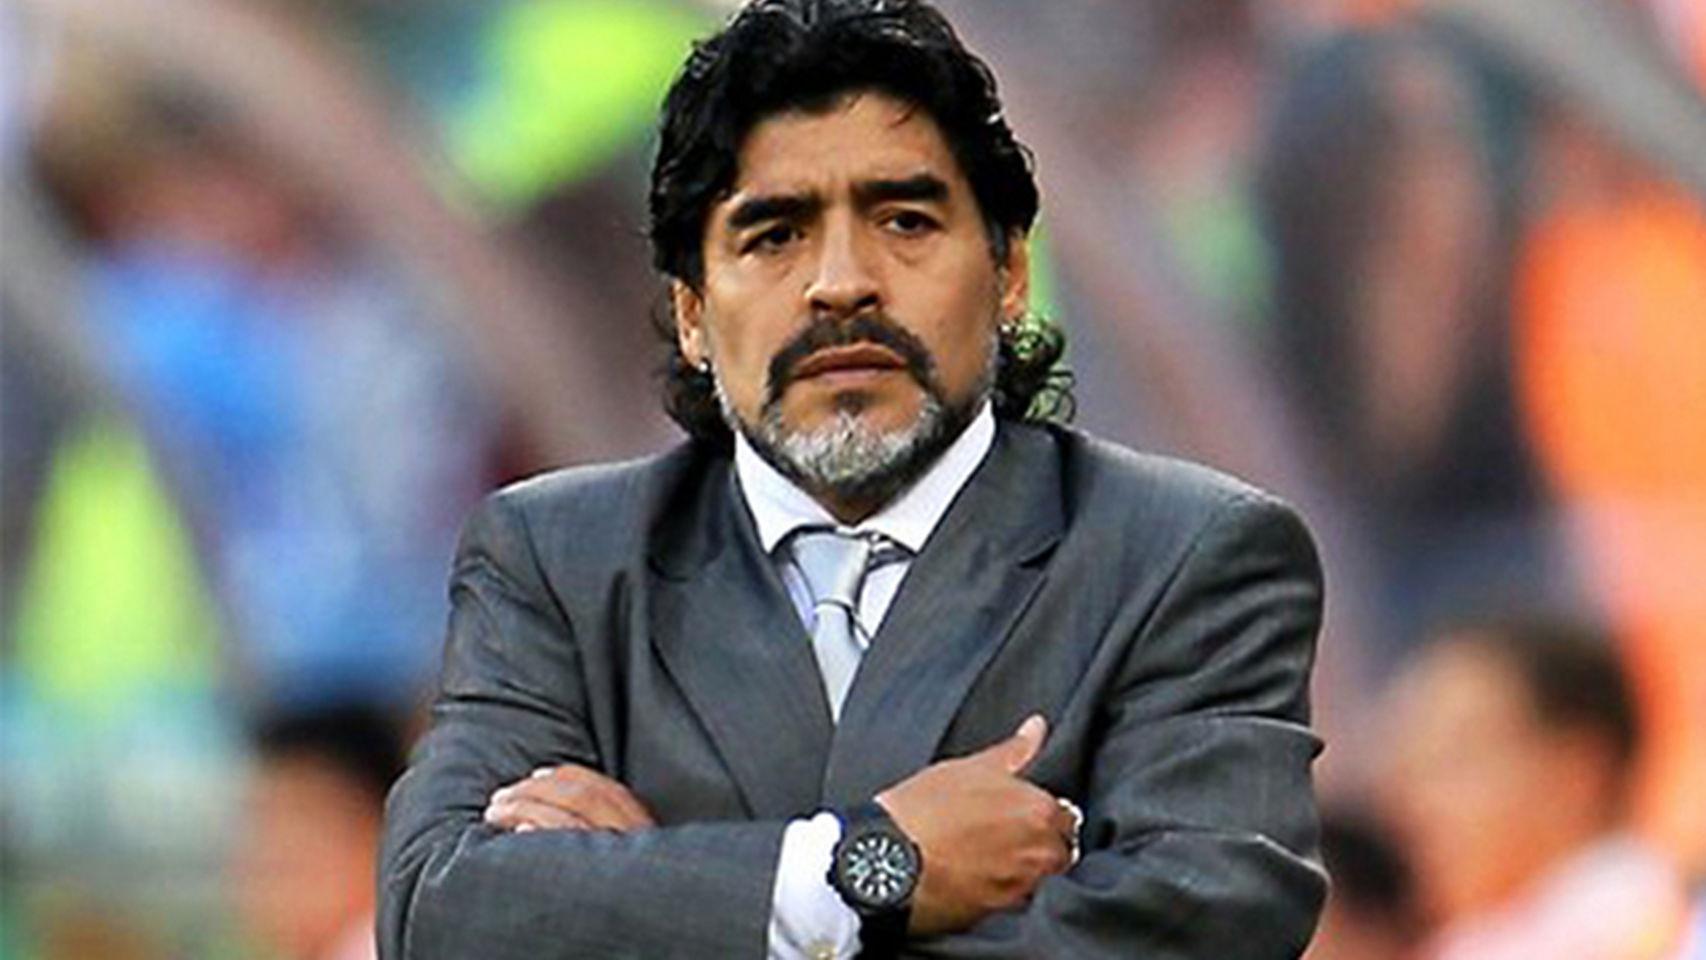 Critica Maradona la designación del Mundial 2026